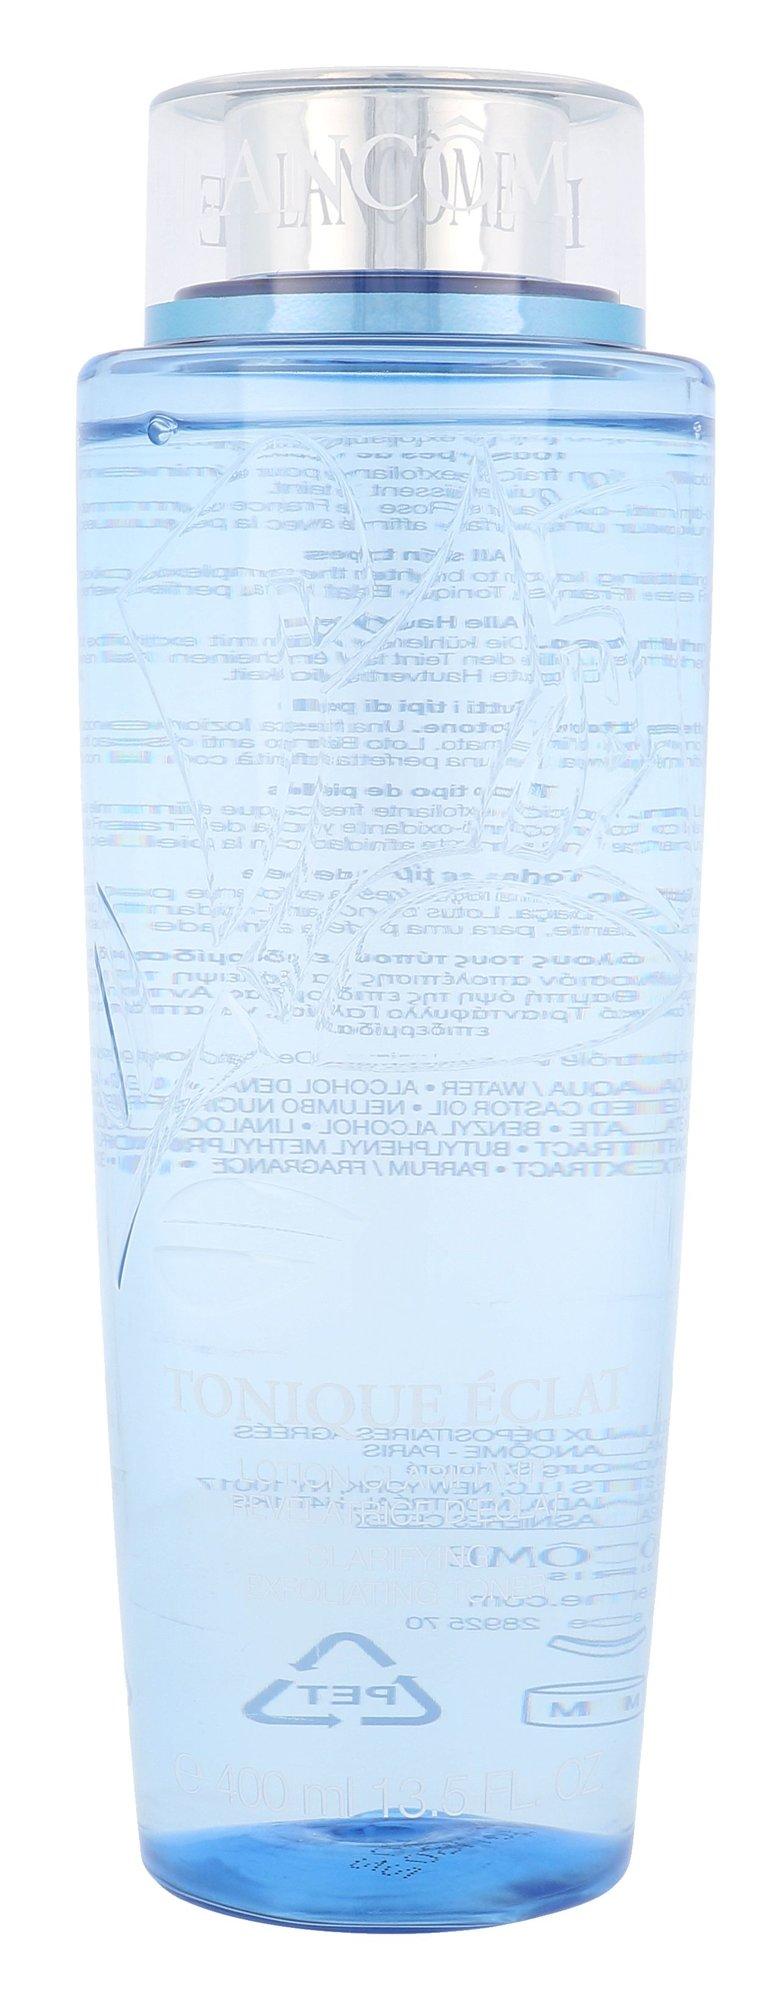 Lancôme Tonique Éclat Cosmetic 400ml